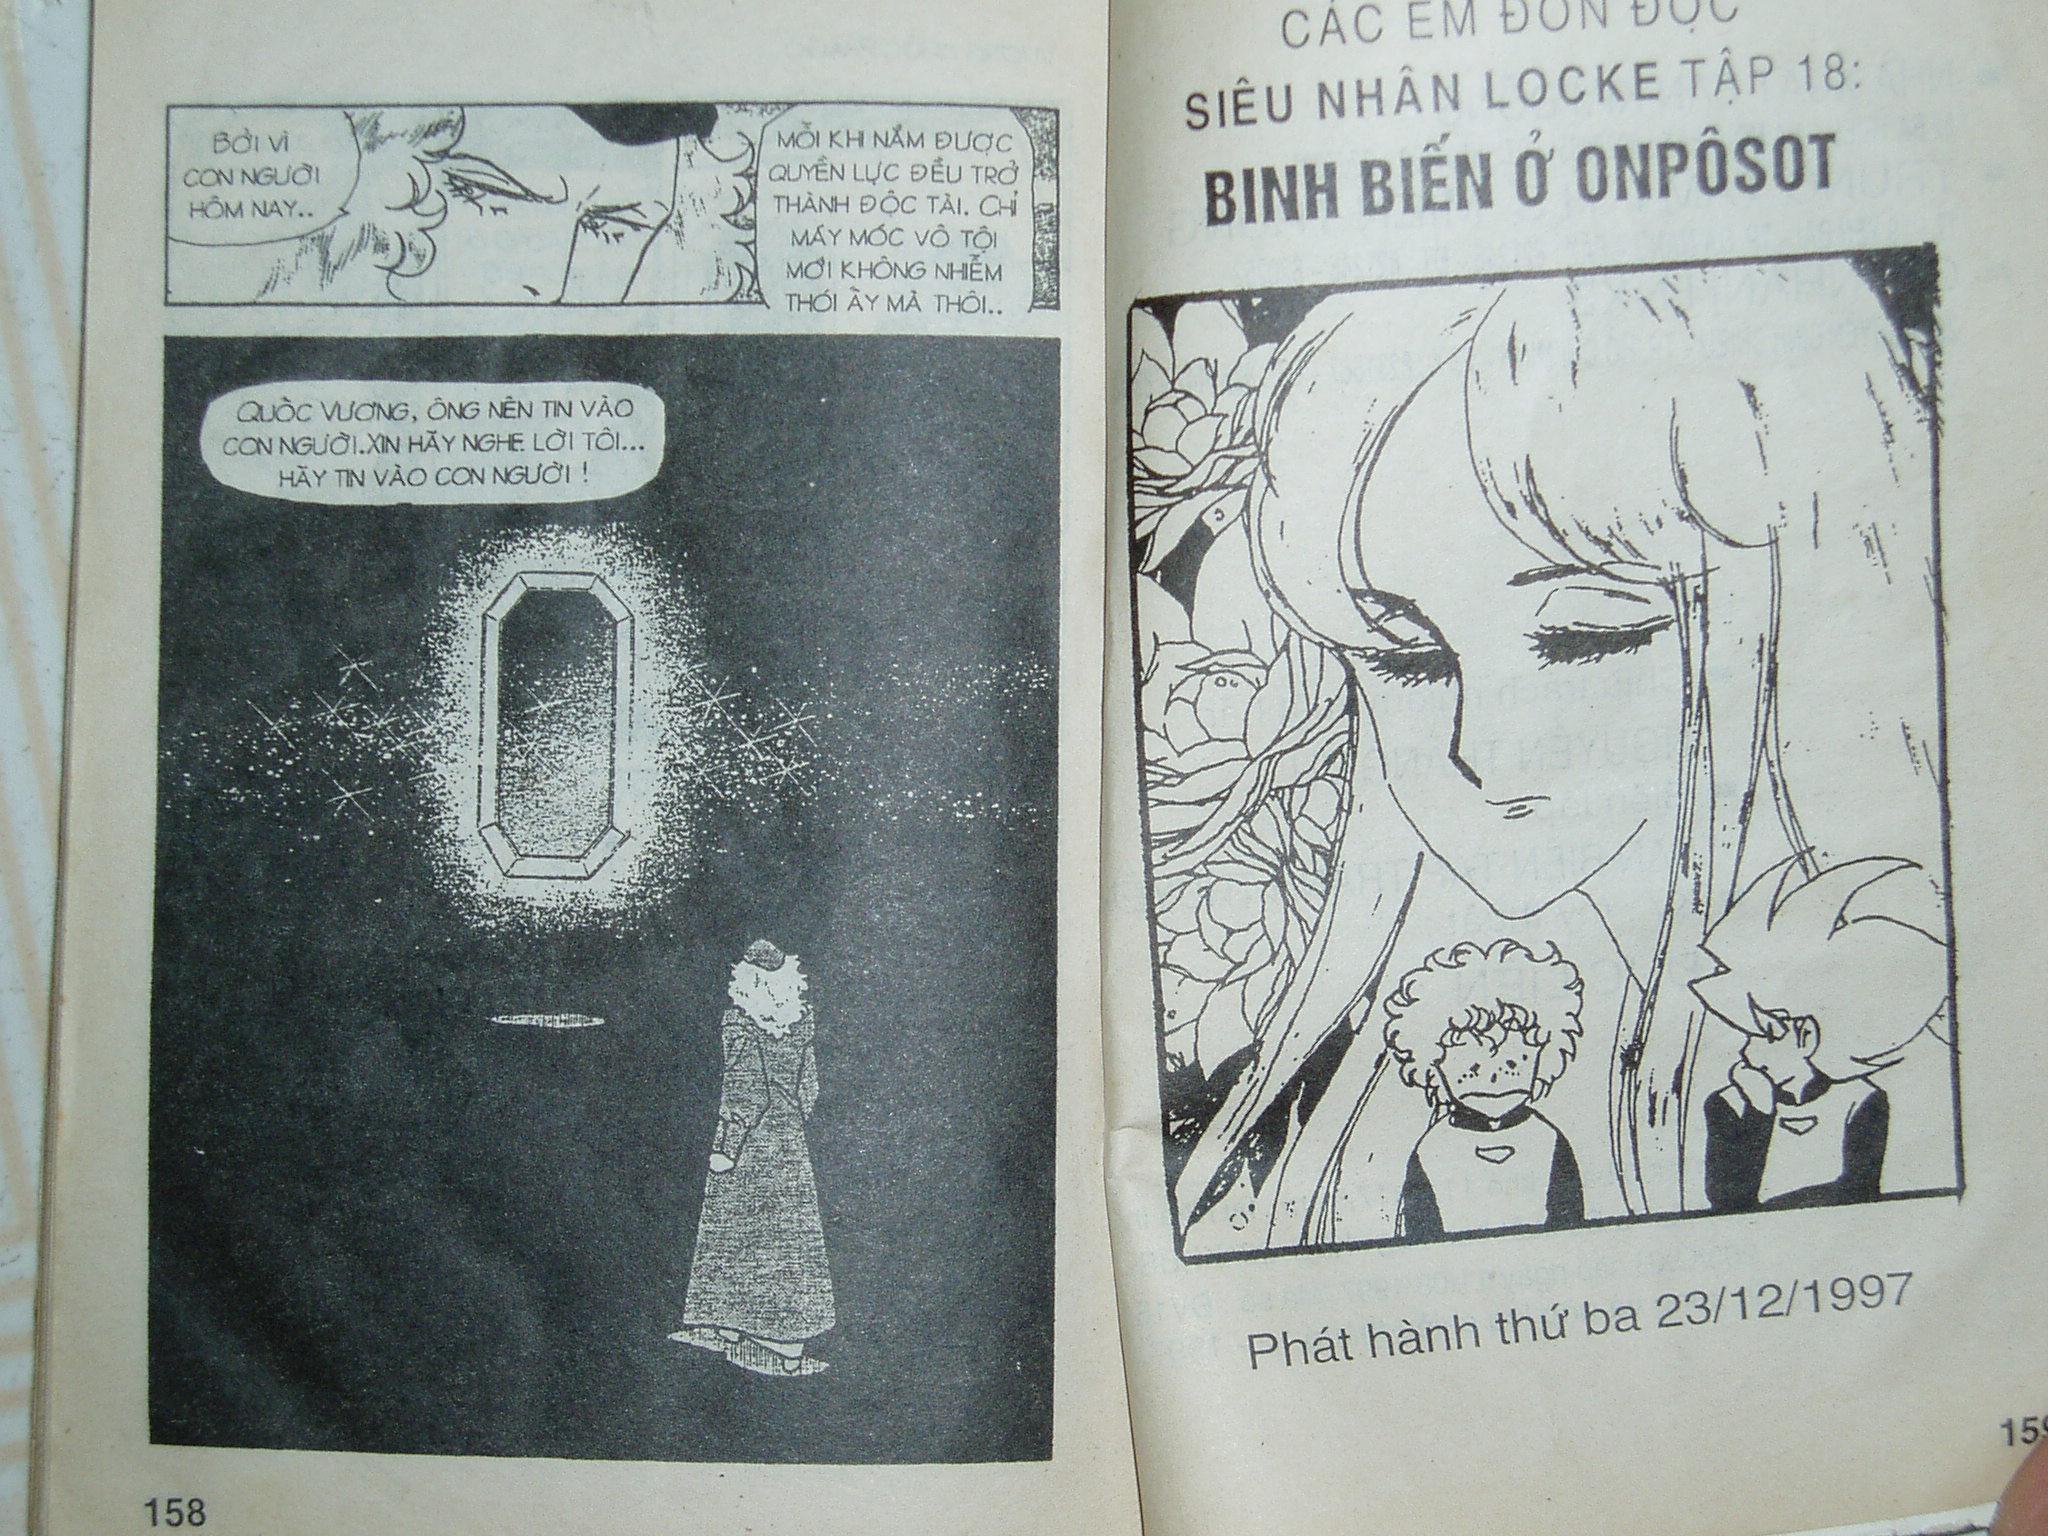 Siêu nhân Locke vol 17 trang 77